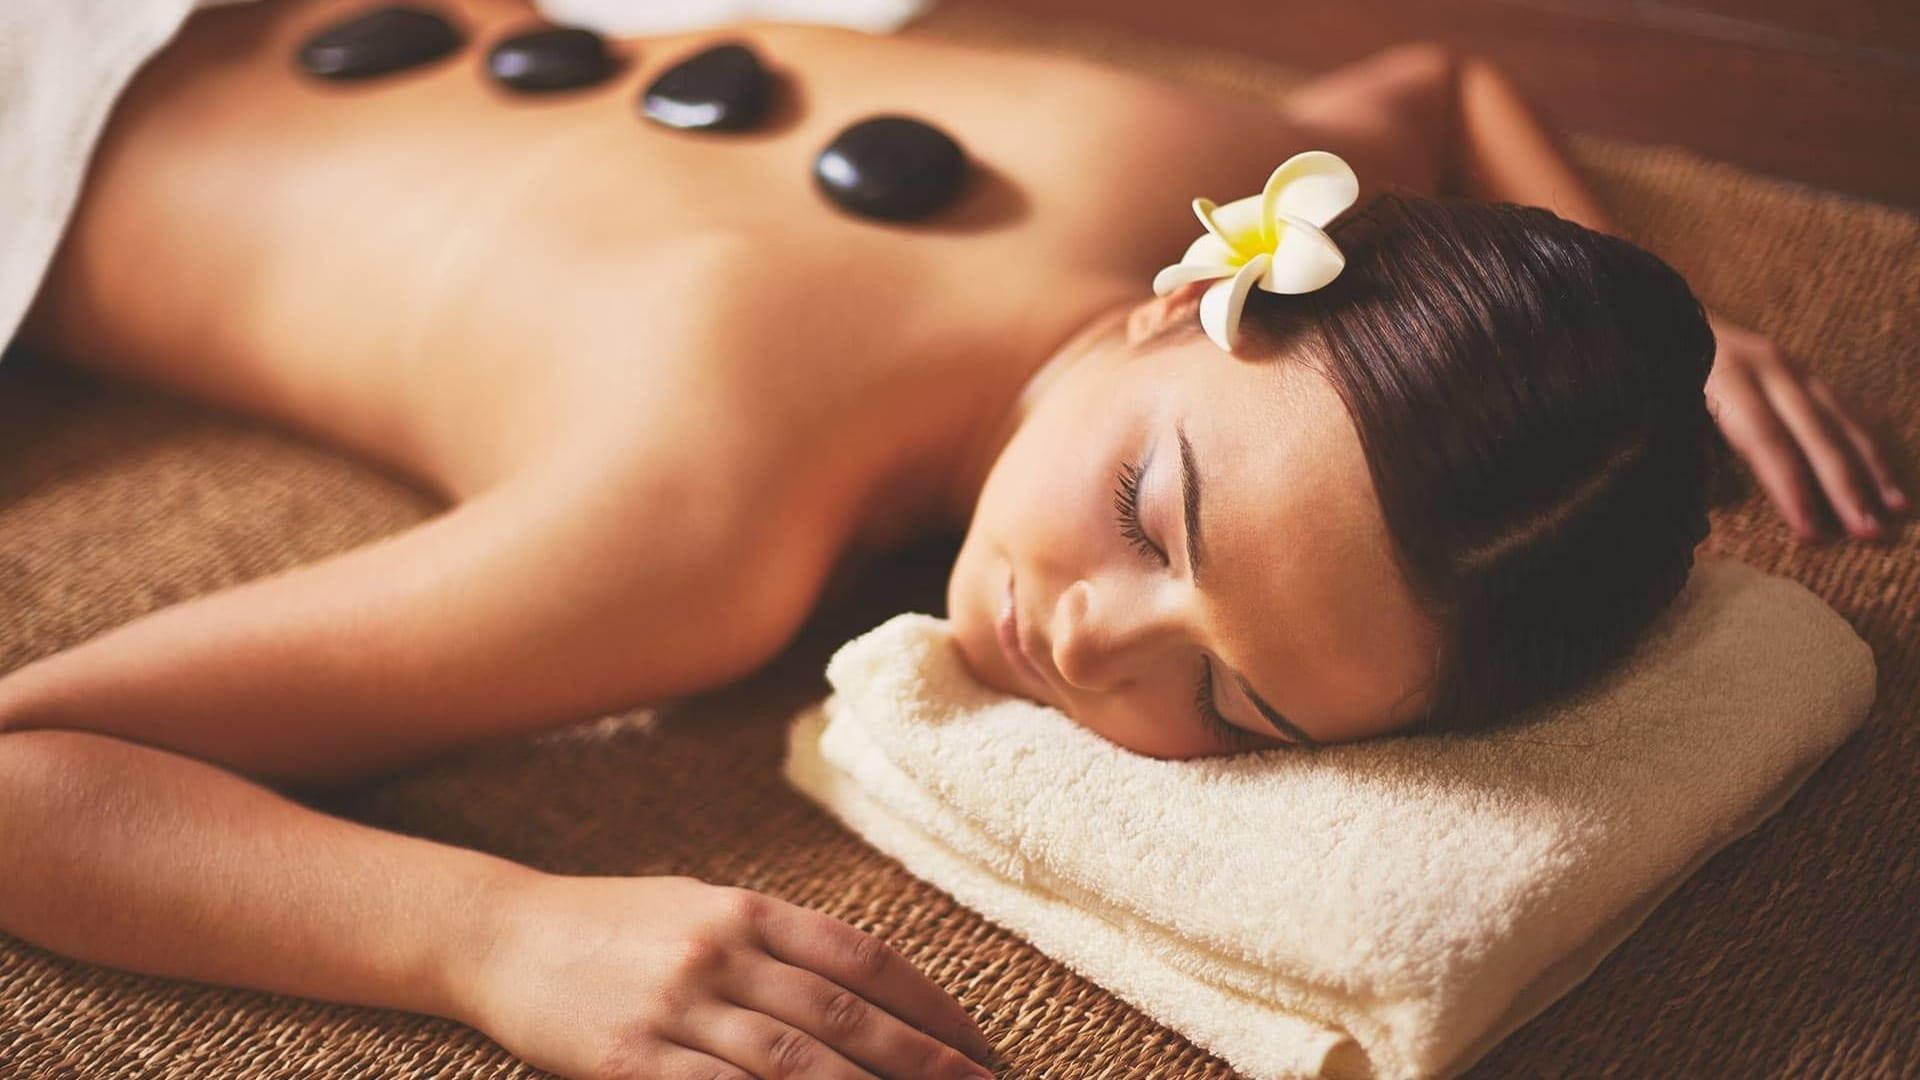 Studio Massaggio Shiro Su Lettino Con Materasso Ad Acqua Calda.I Migliori 36 Corsi Di Massaggio A Vicenza Con Preventivi Gratuiti